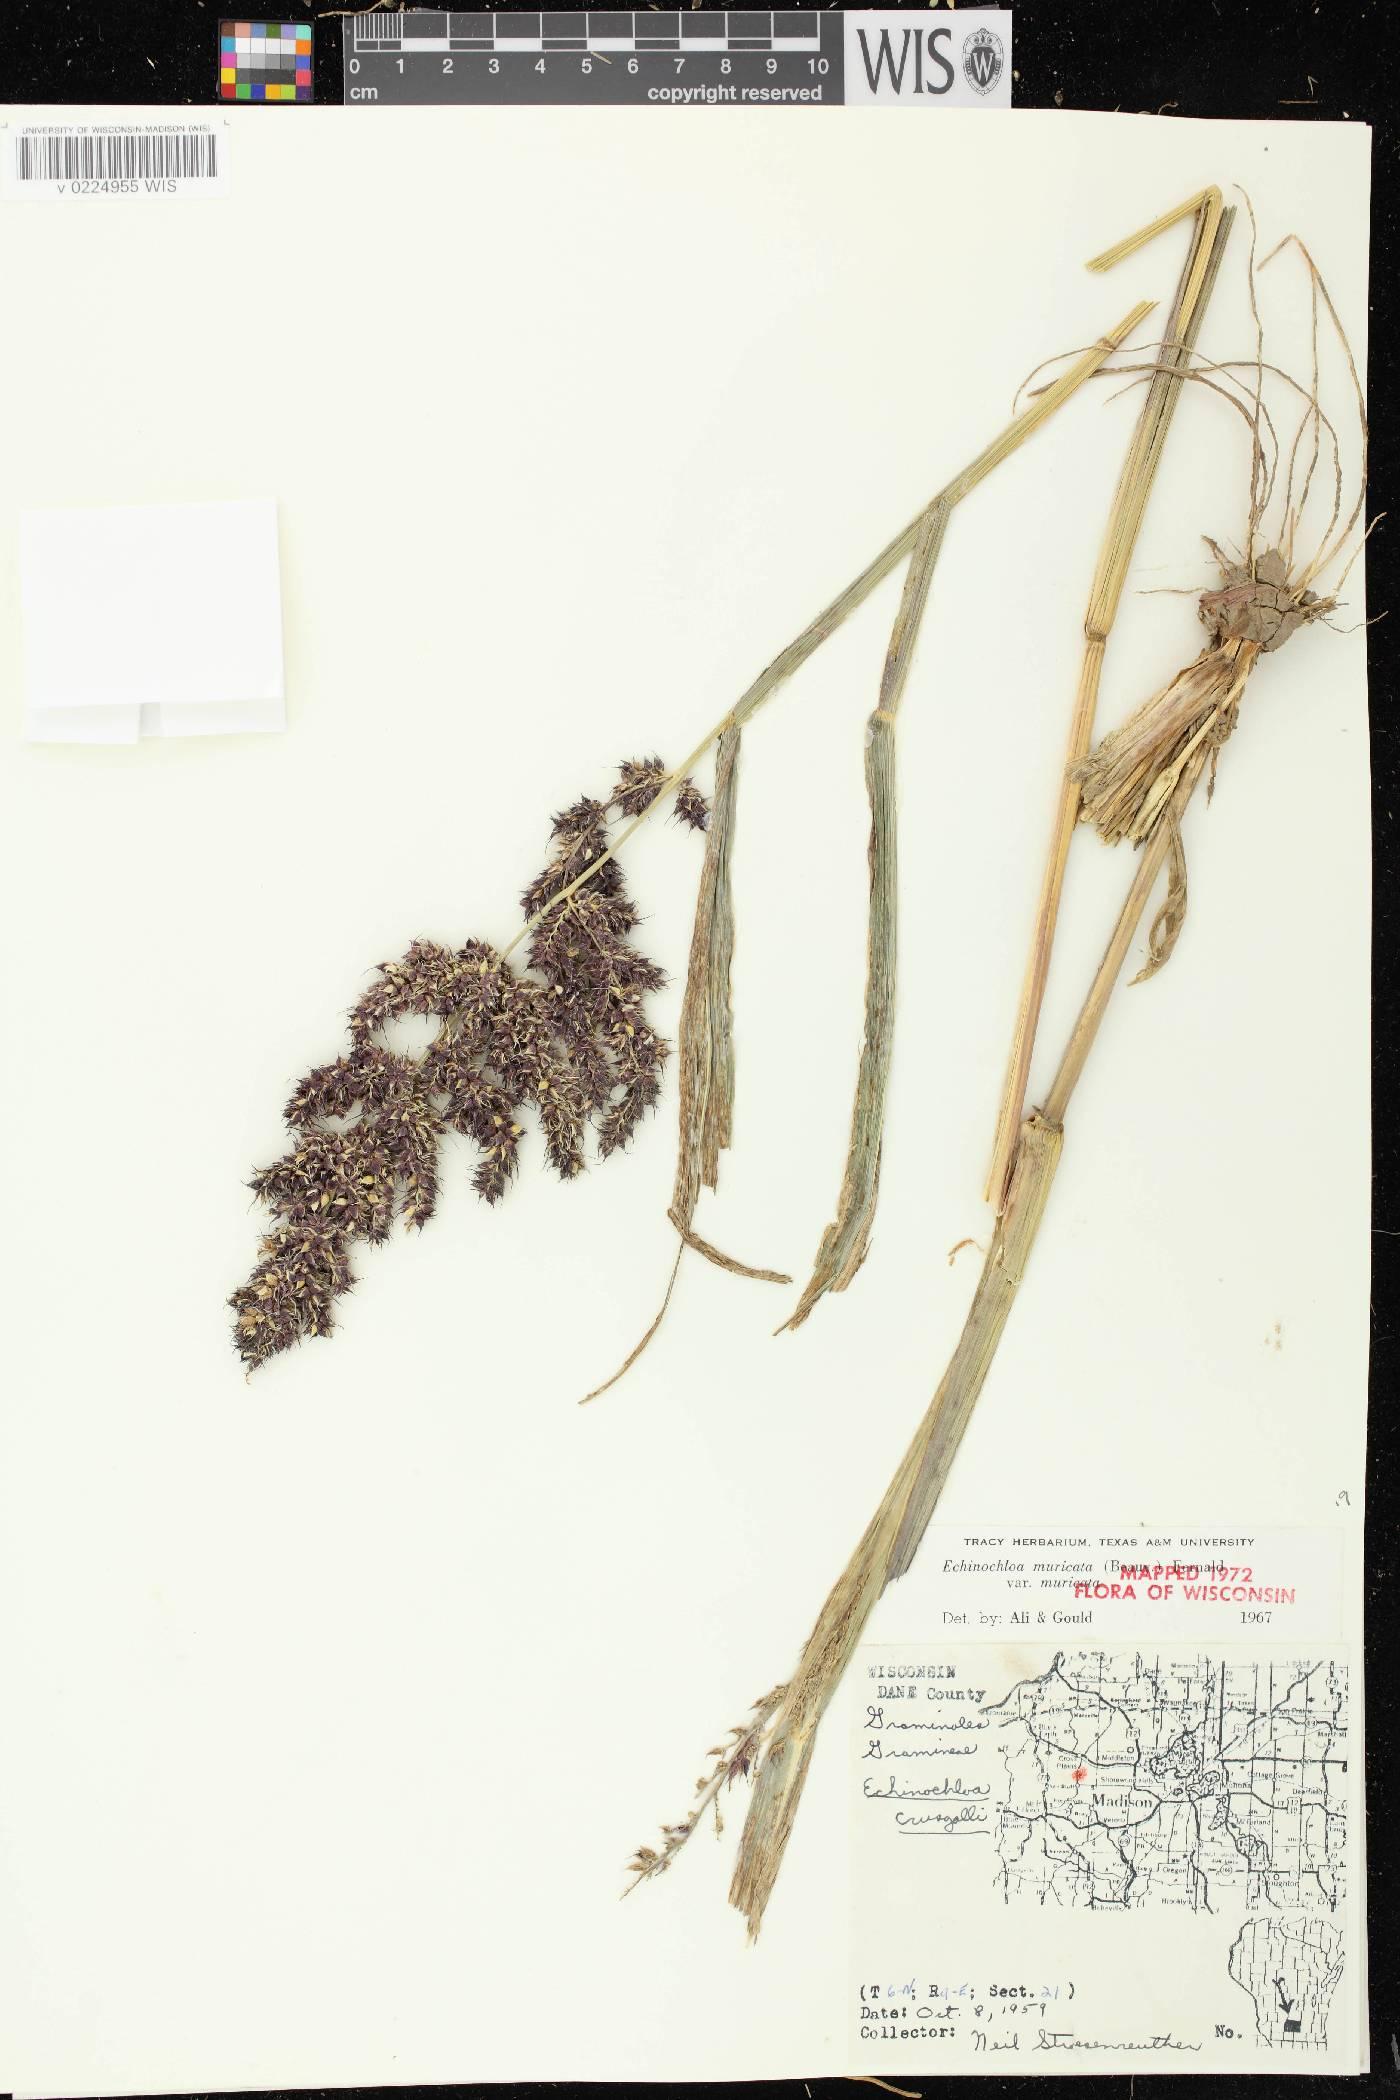 Echinochloa muricata var. muricata image